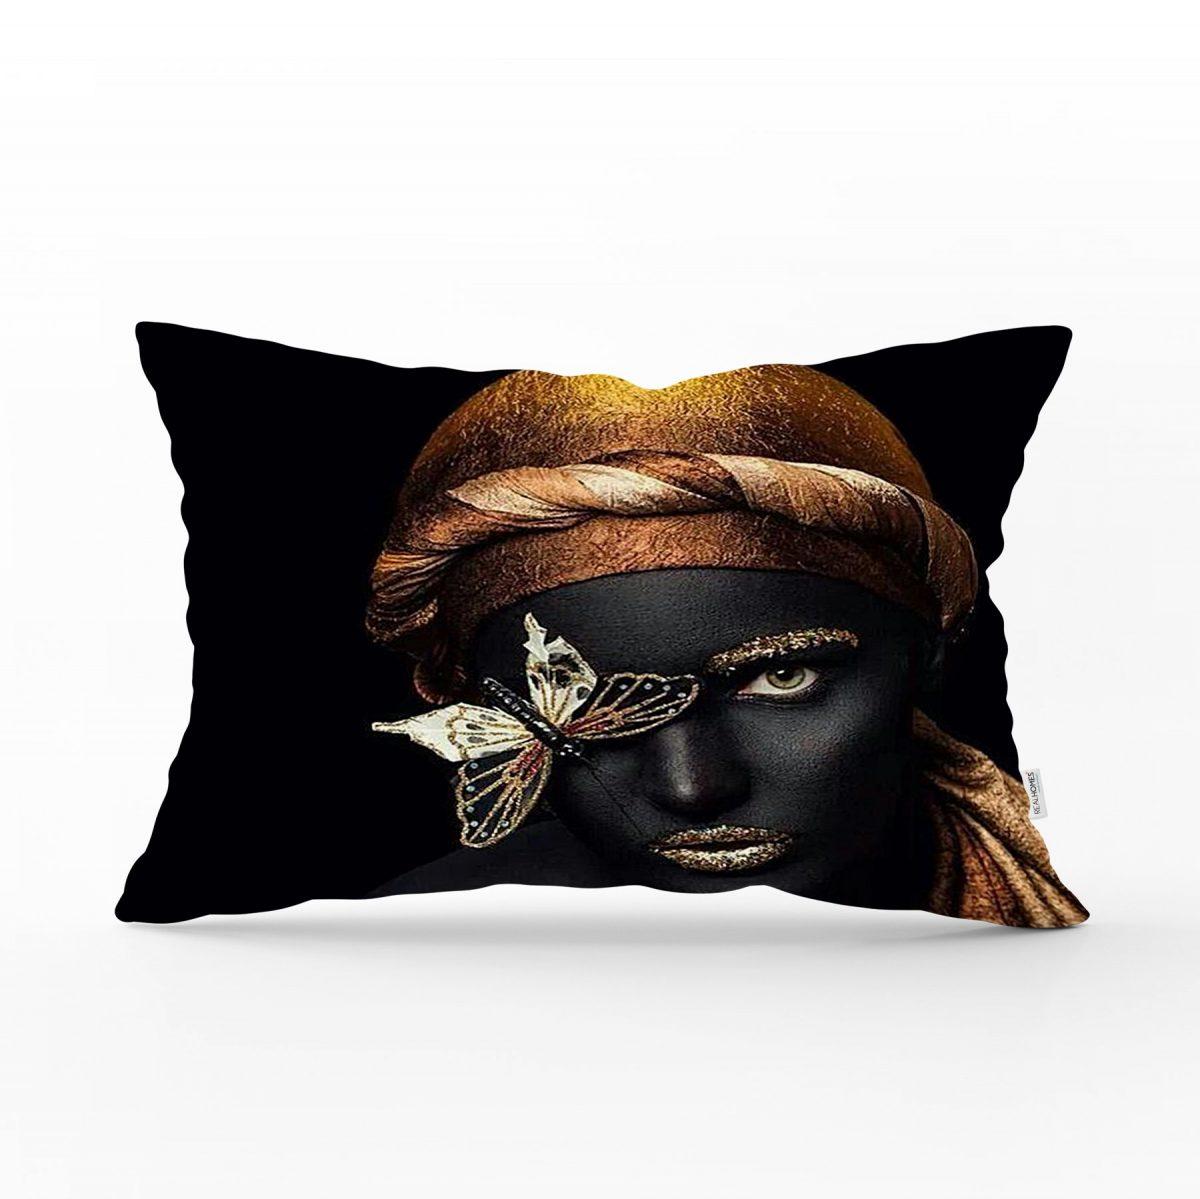 Gold Siyahı Kadın Özel Tasarımlı dekoratif Dikdörtgen Yastık Kırlent Kılıfı Realhomes